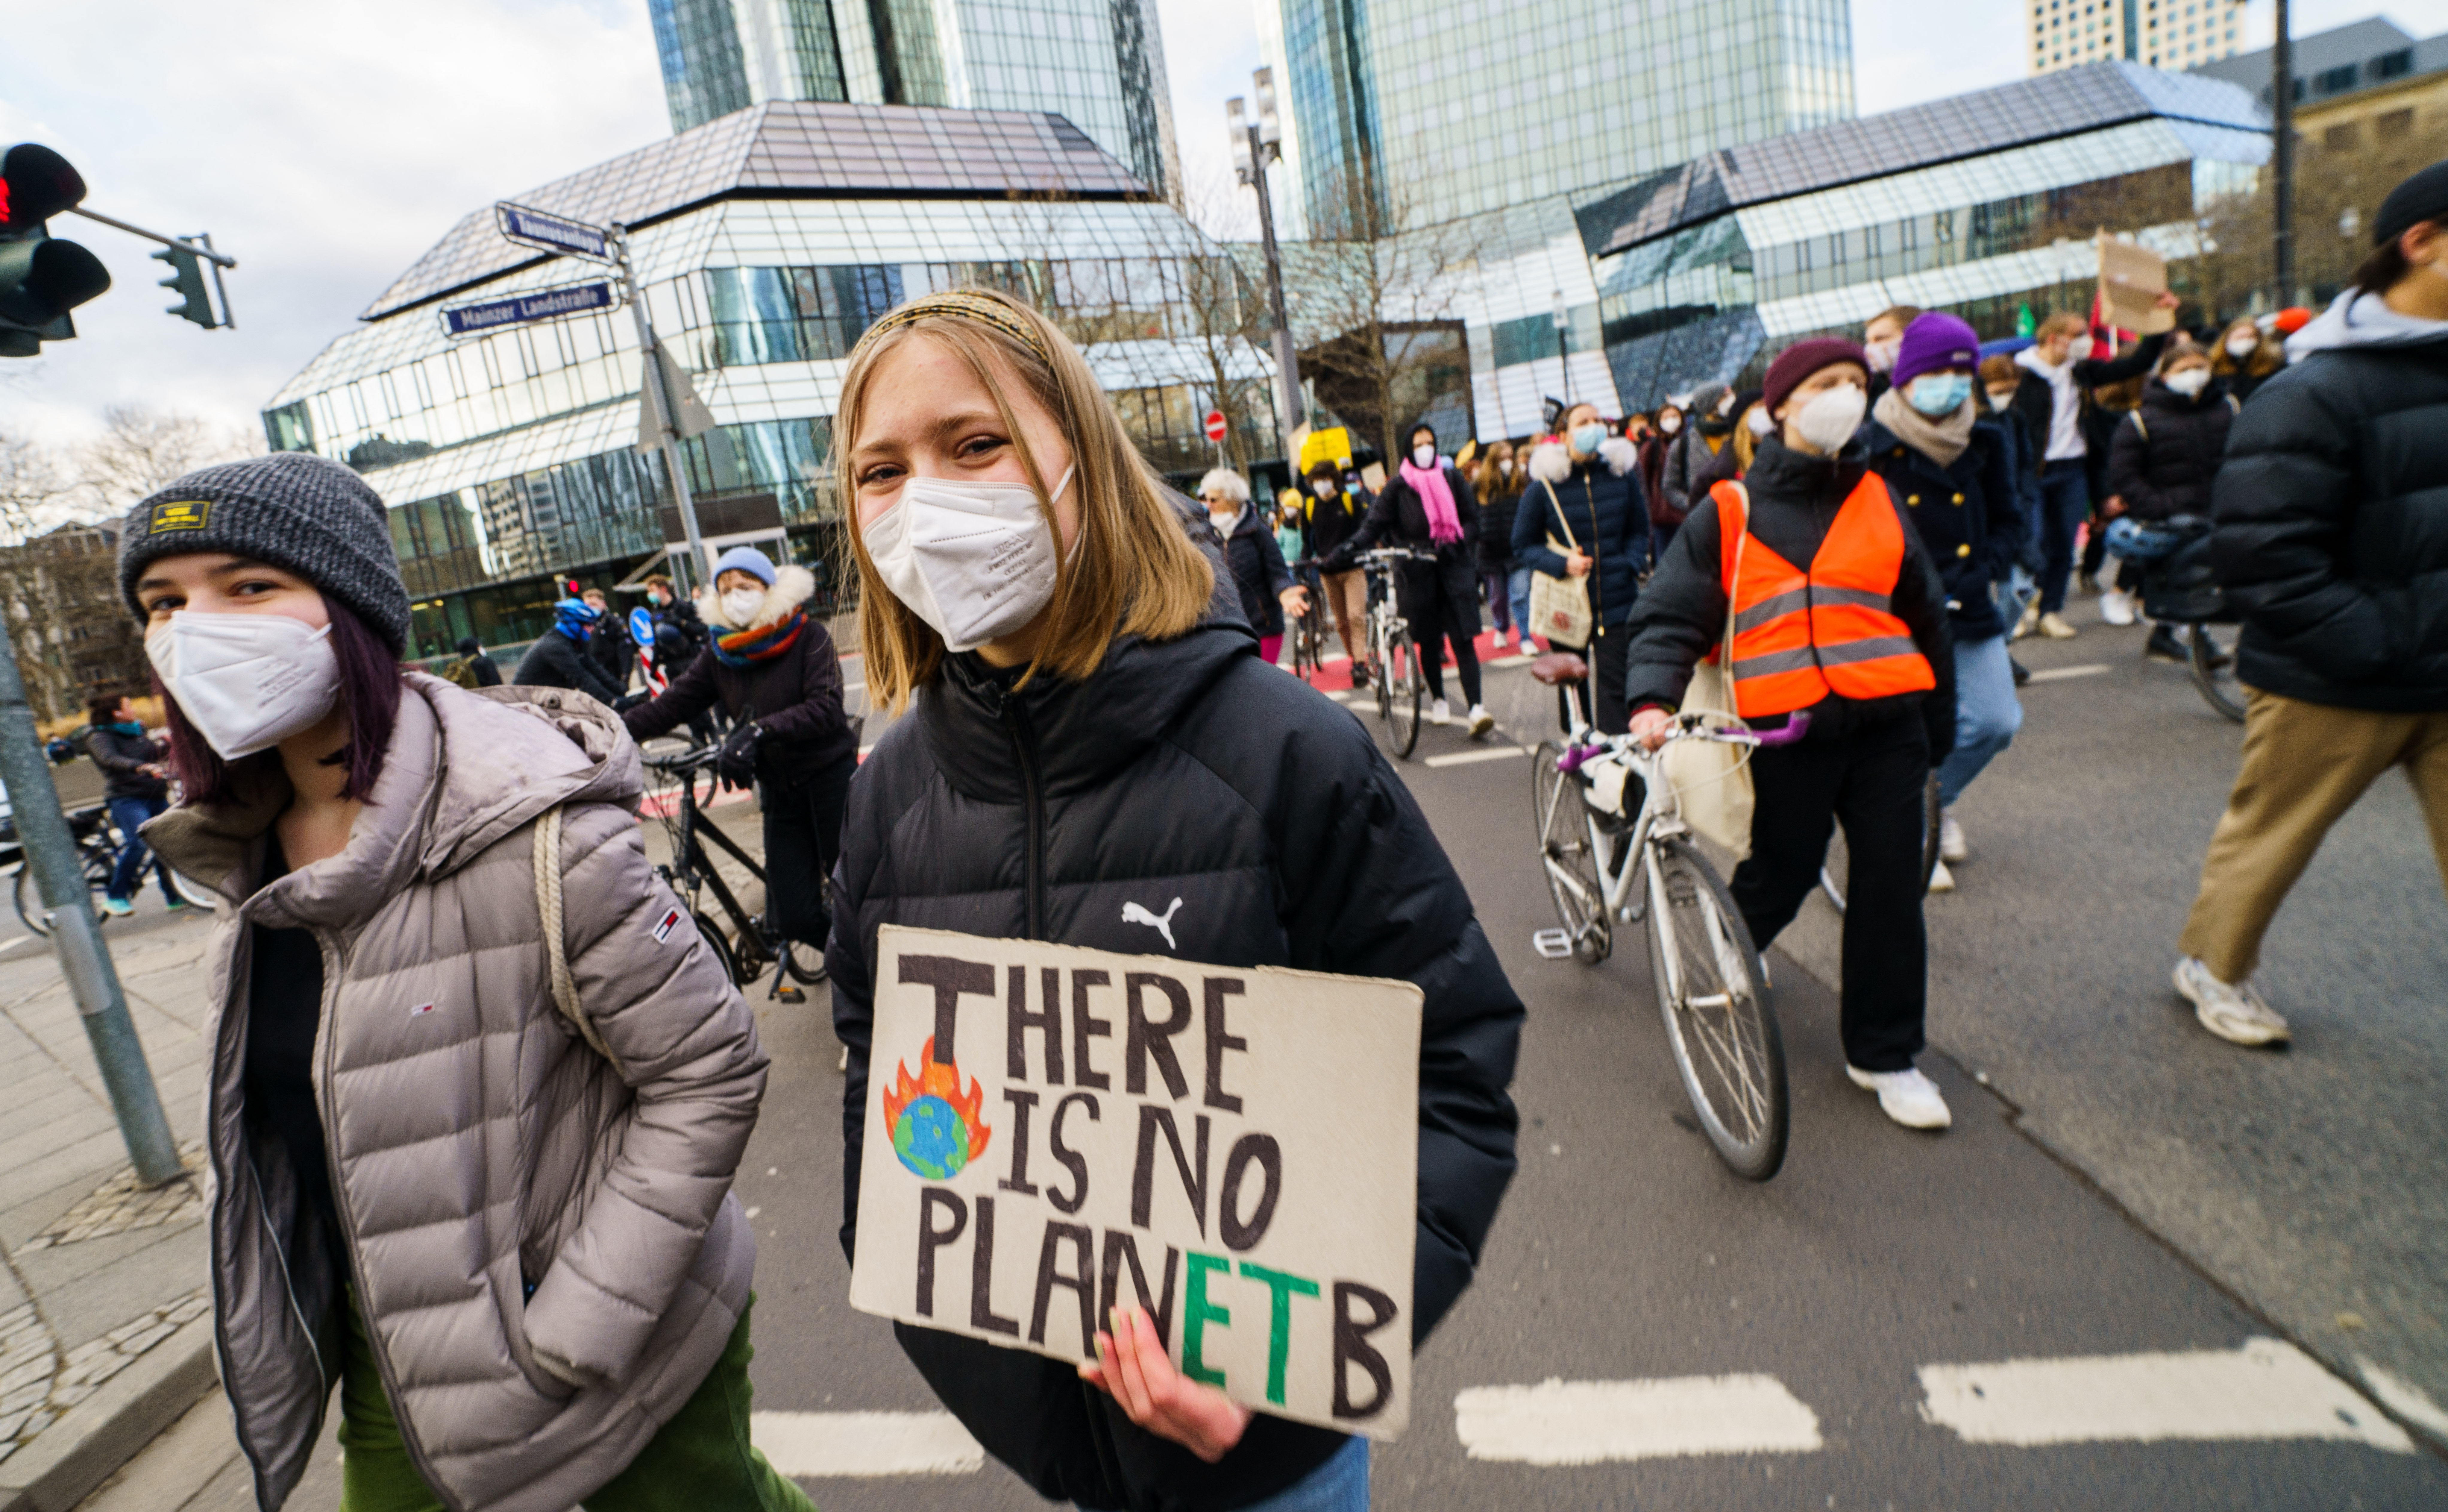 Pert nyertek a német kormánnyal szemben a klímaaktivisták, szigorítanak a klímatörvényen